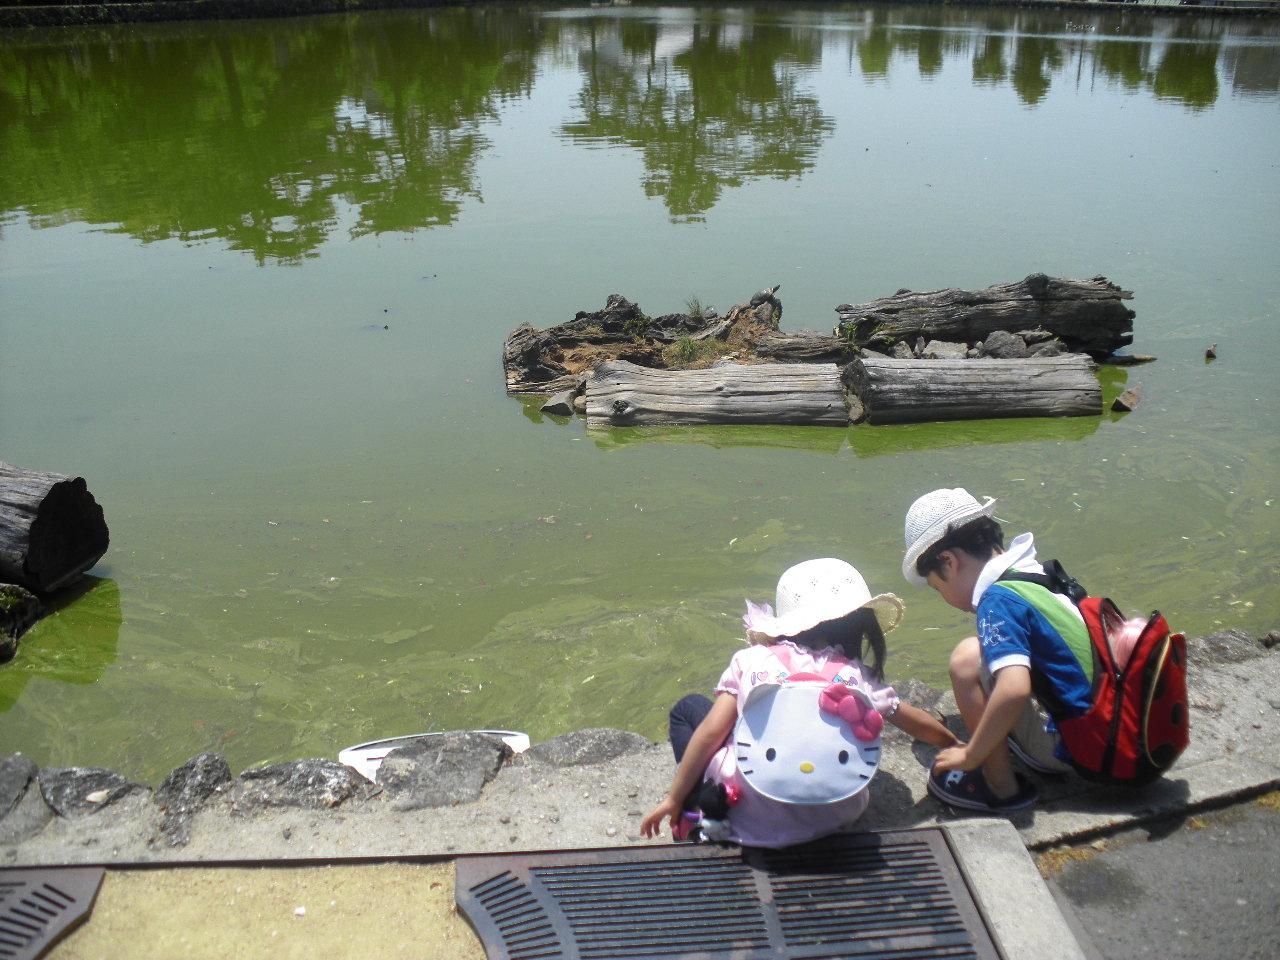 奈良・猿沢池のほとりで 2016.5.2<br />  6